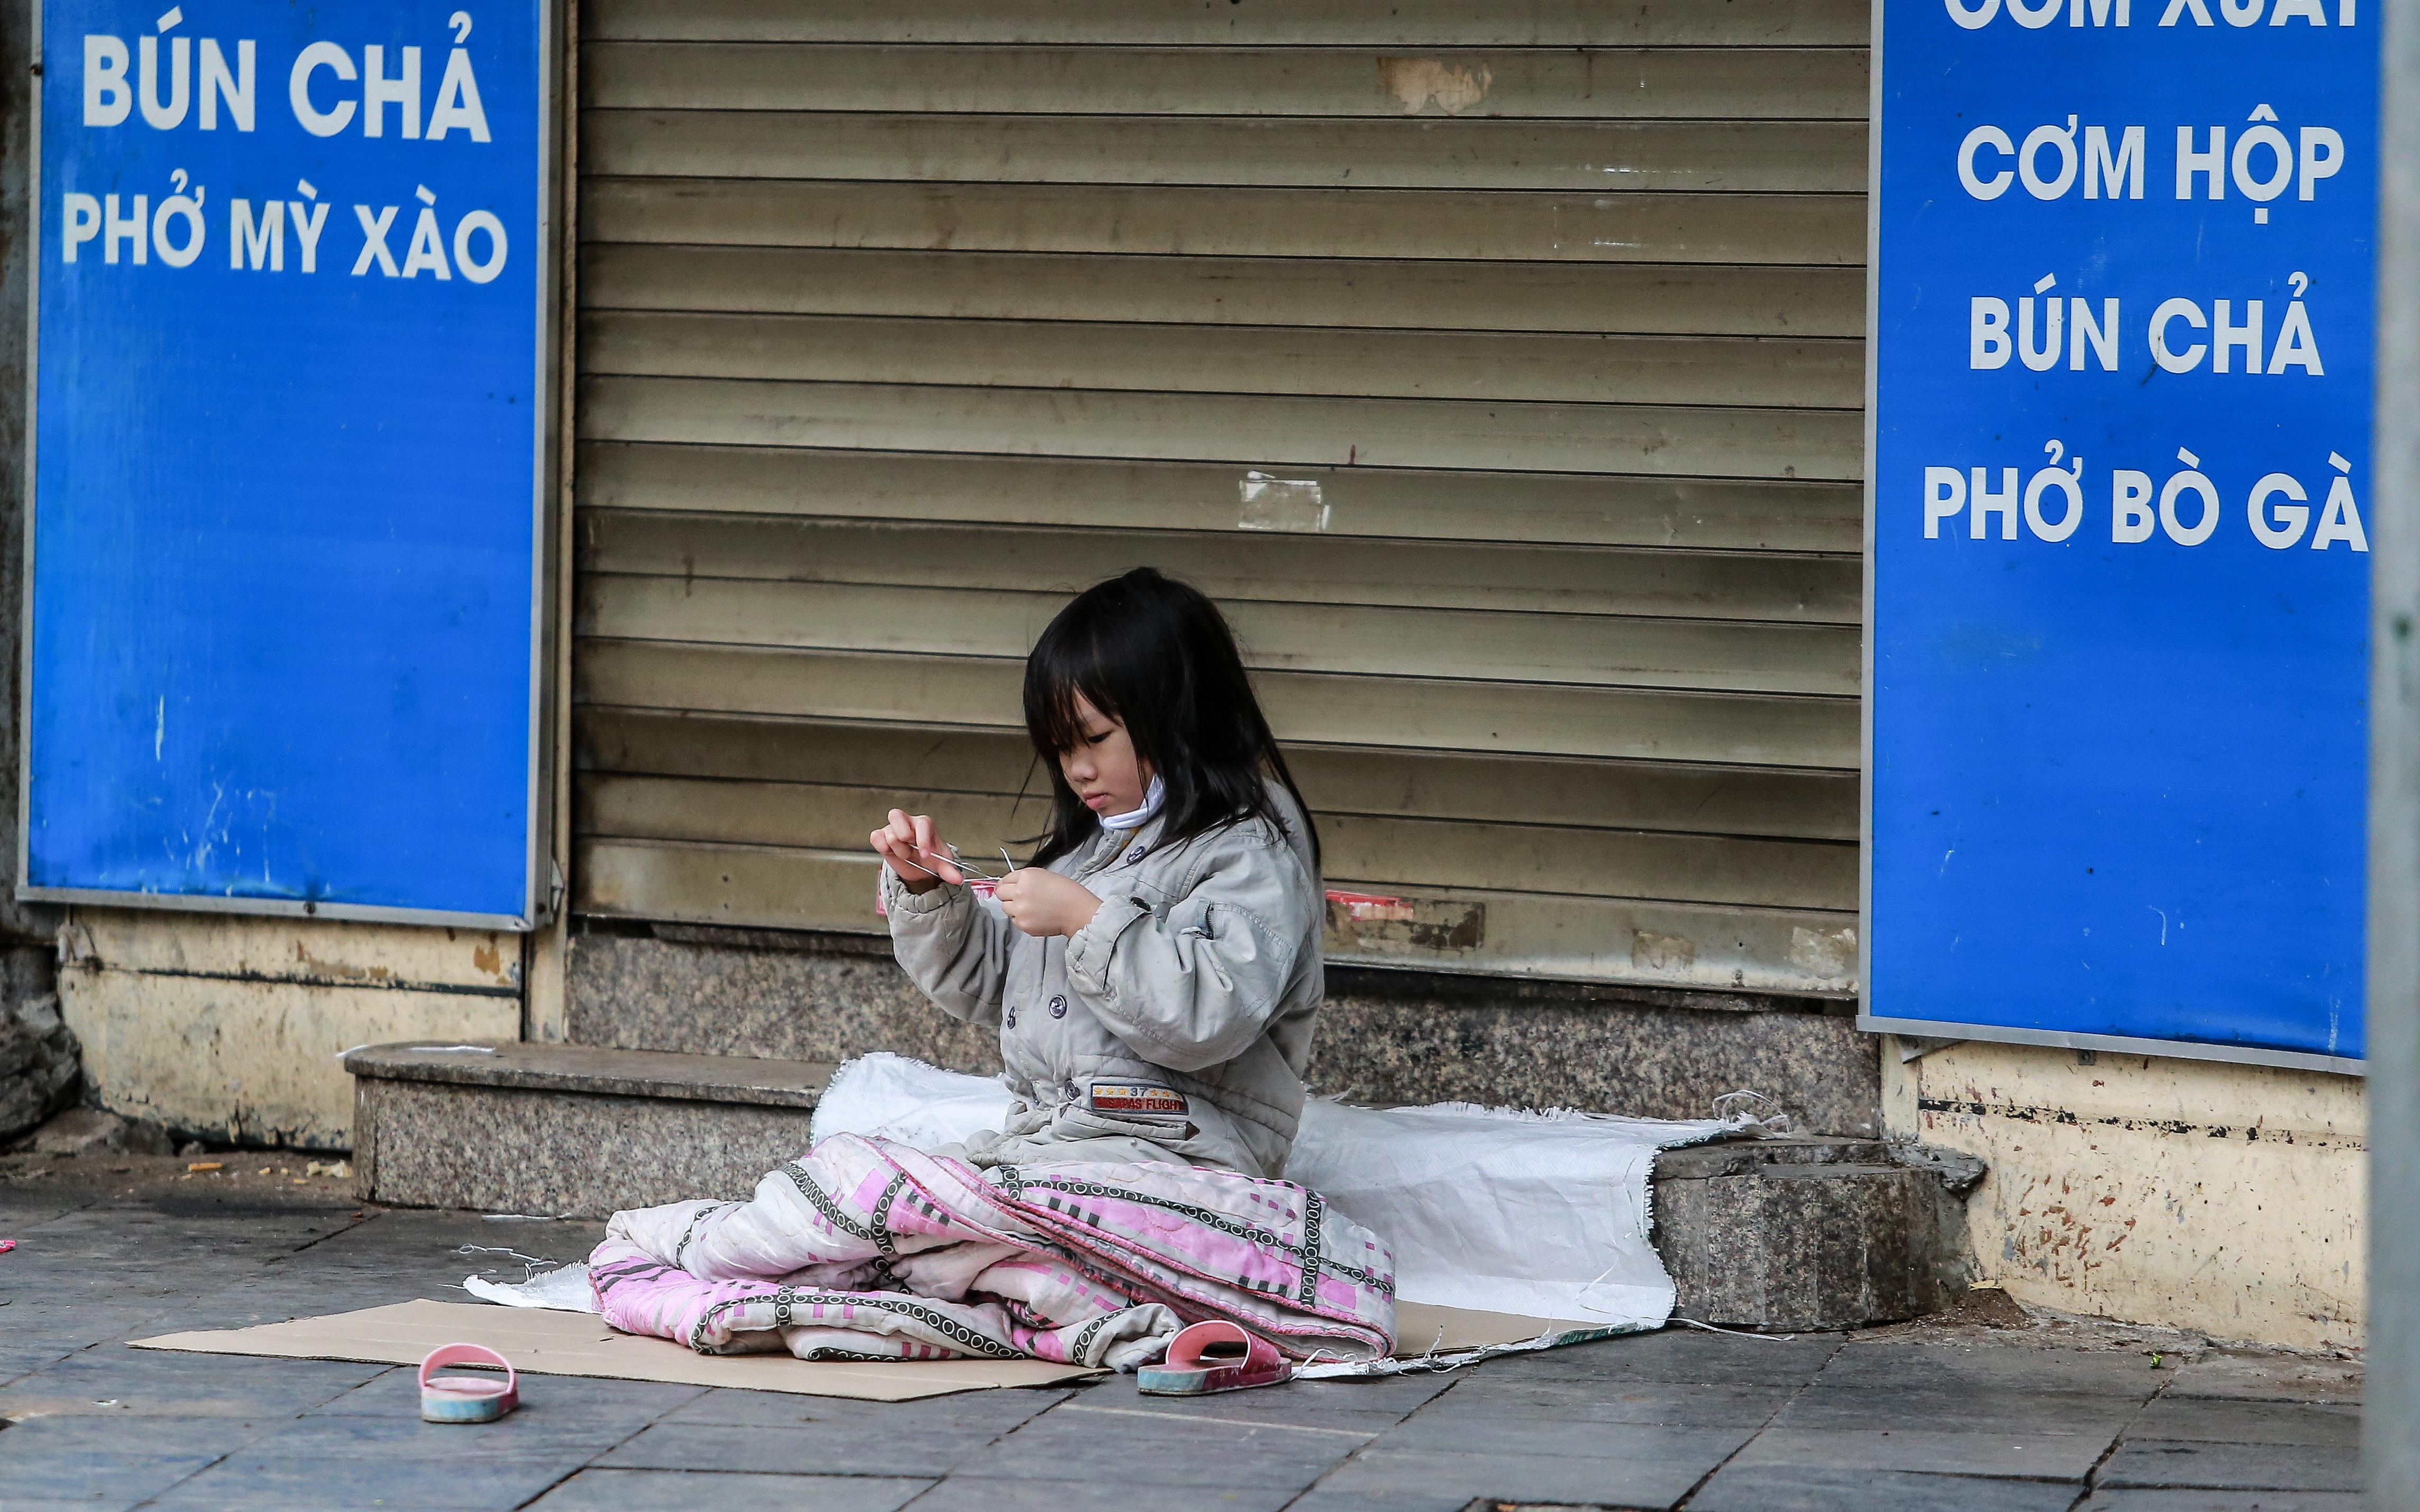 Những ngày Hà Nội vắng vẻ bởi cách ly xã hội, đâu đó nơi góc phố cổ là hình ảnh bé gái lủi thủi trên tấm bìa giấy giữa trời mưa phùn giá rét